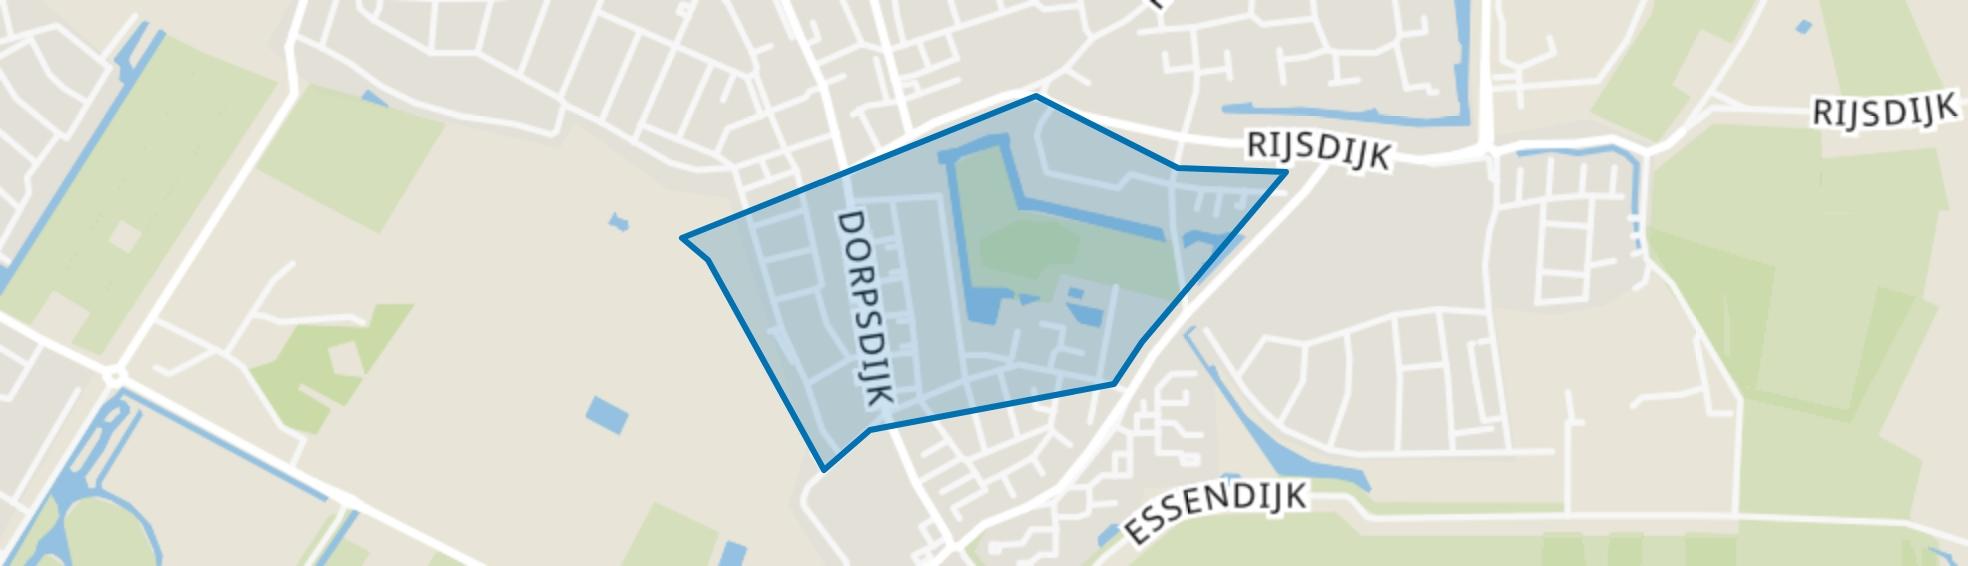 Park Rhoon, Rhoon map